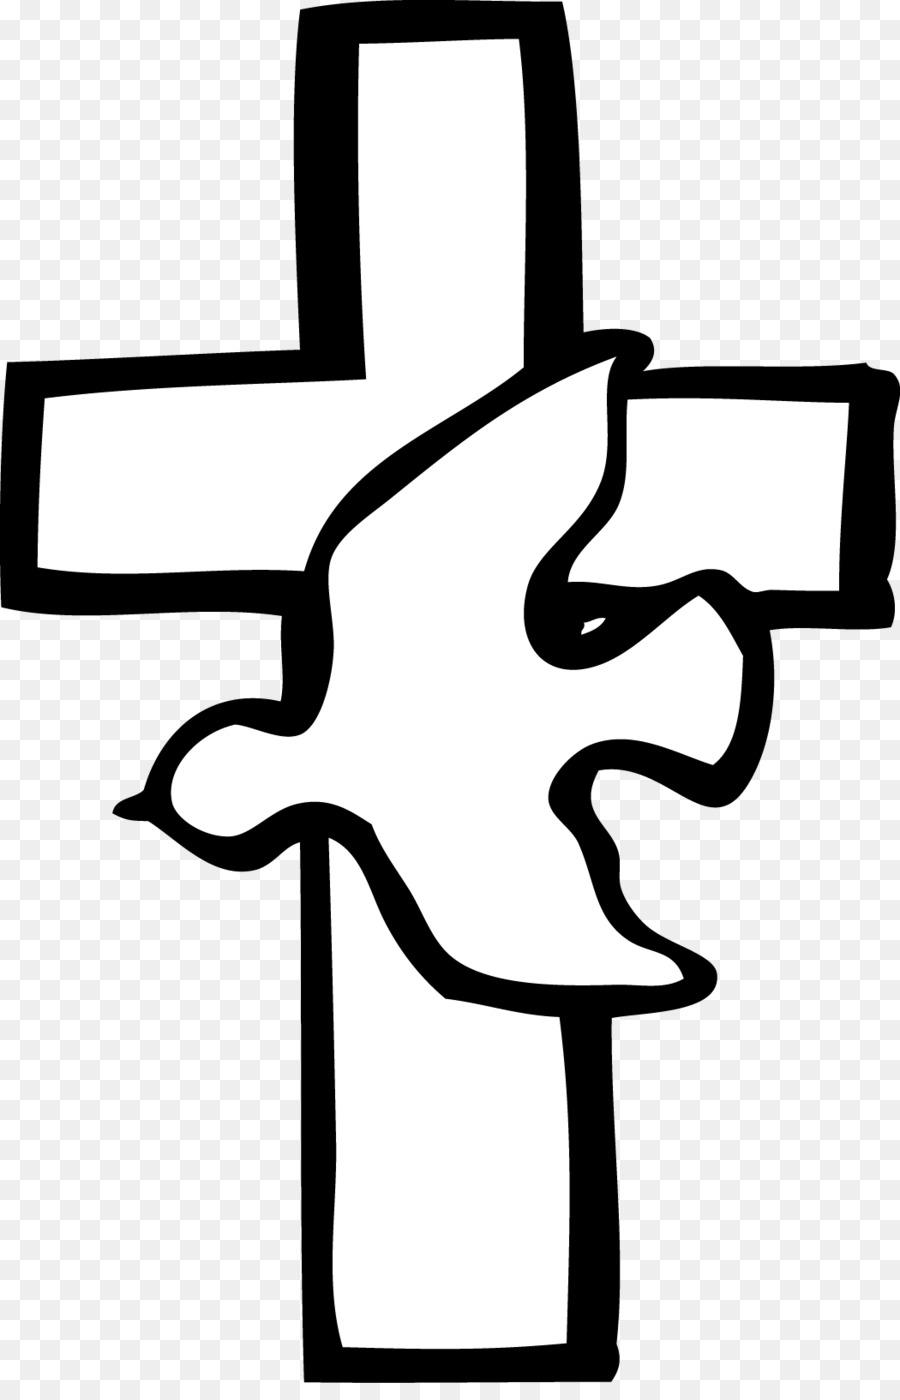 Catholic clipart catholic faith. Church catholicism first communion